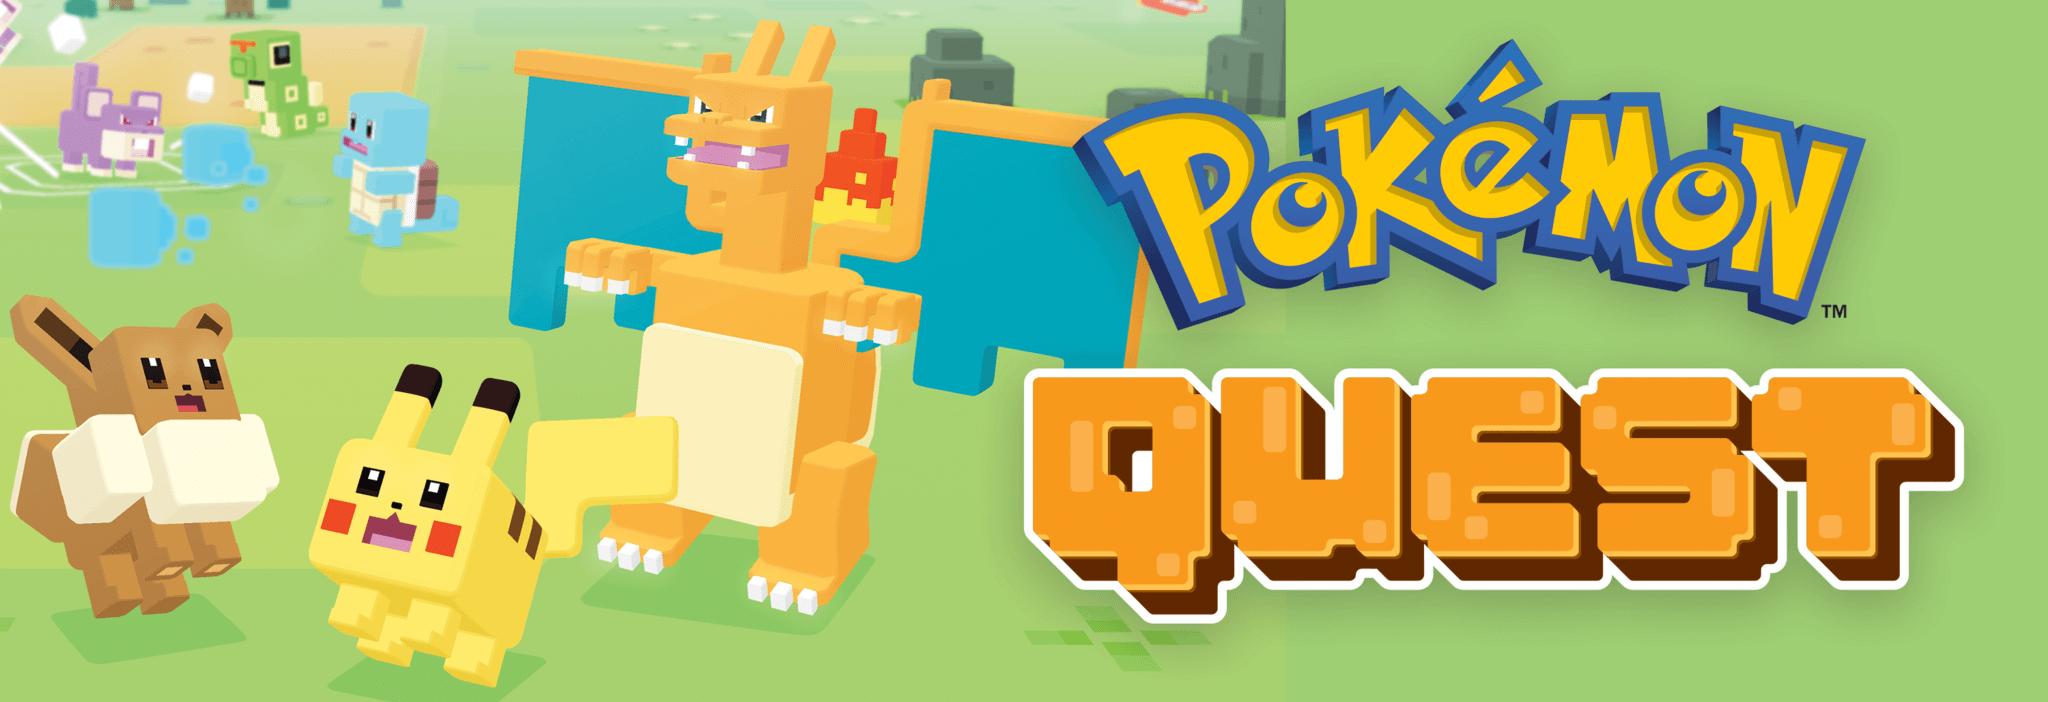 NP: Pokémon desvela nuevos videojuegos para Nintendo Switch